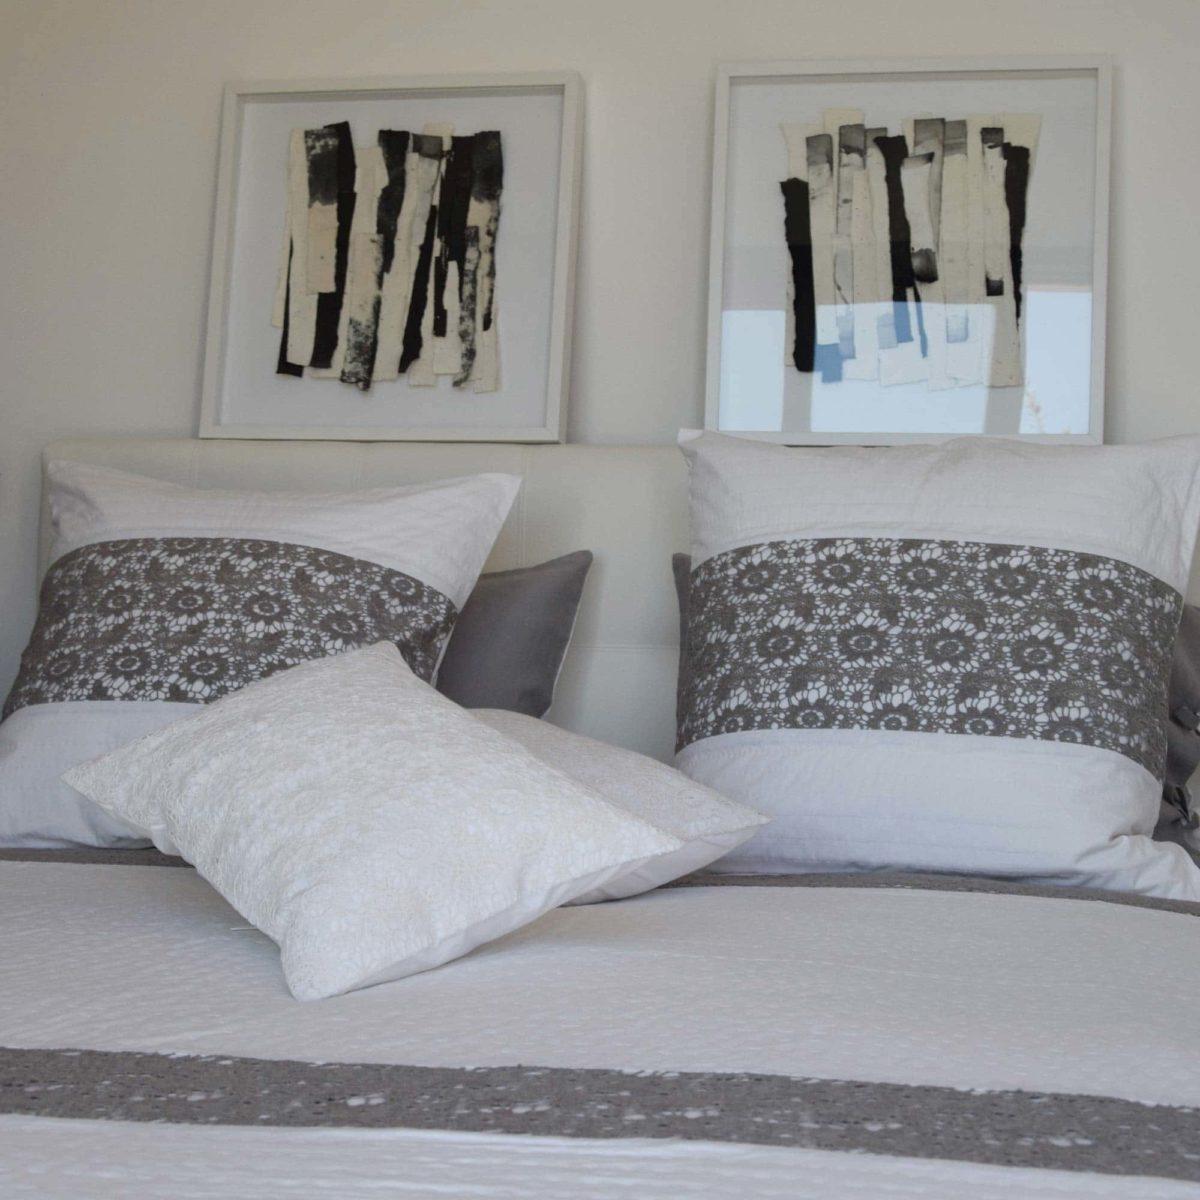 couvre lit blanc et gris Couvre lit NANTES blanc et gris   Le Monde de Rose couvre lit blanc et gris